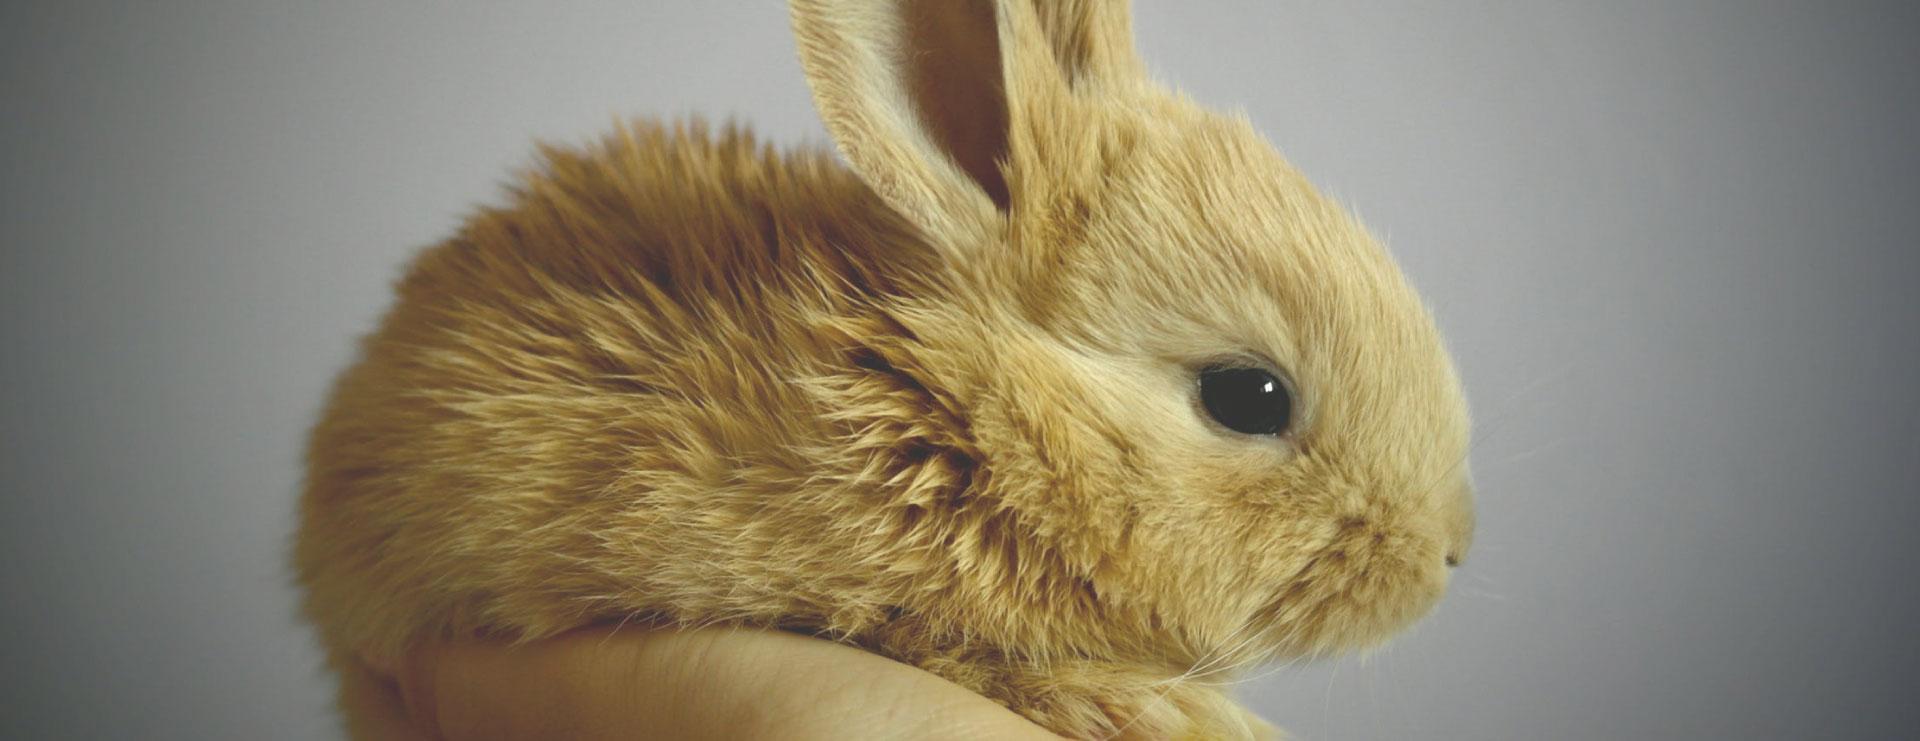 home-top4-conejo-veterinarios-exoticos-fauna-vets